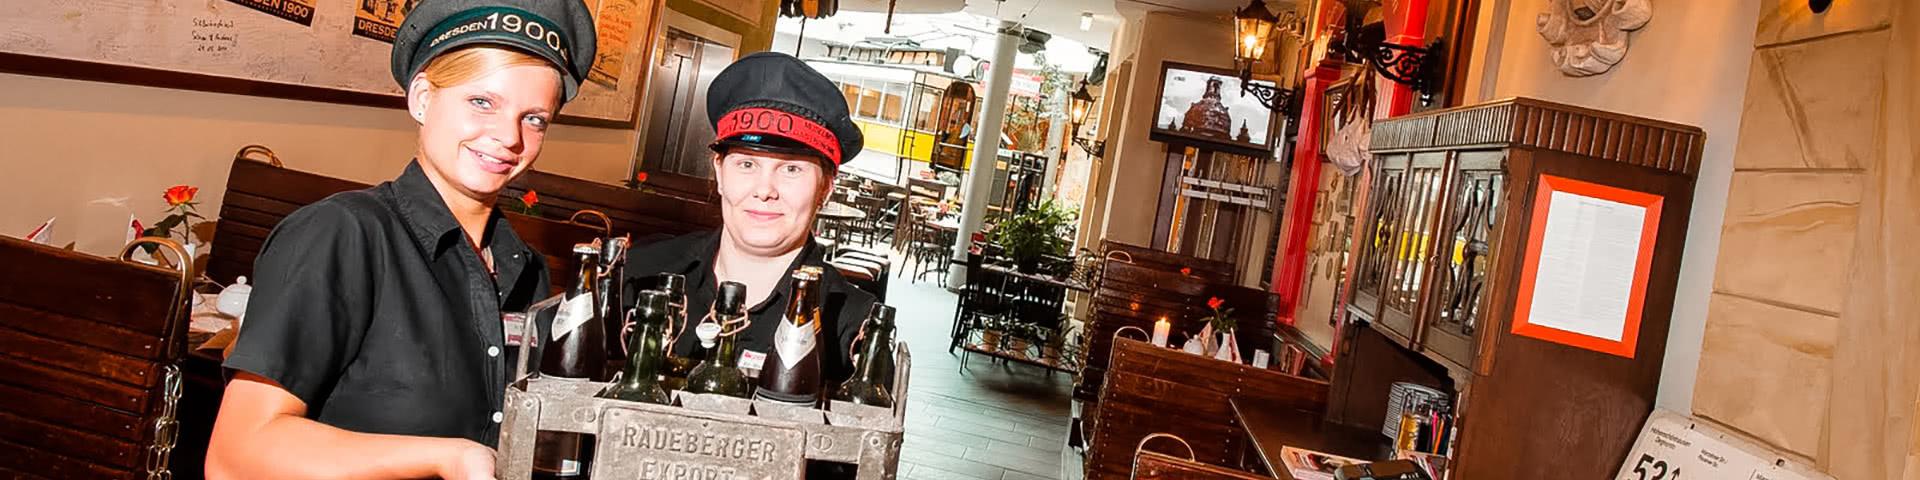 Zwei Kellnerinnen mit einer Box Bier in einem Restaurant in Dresden